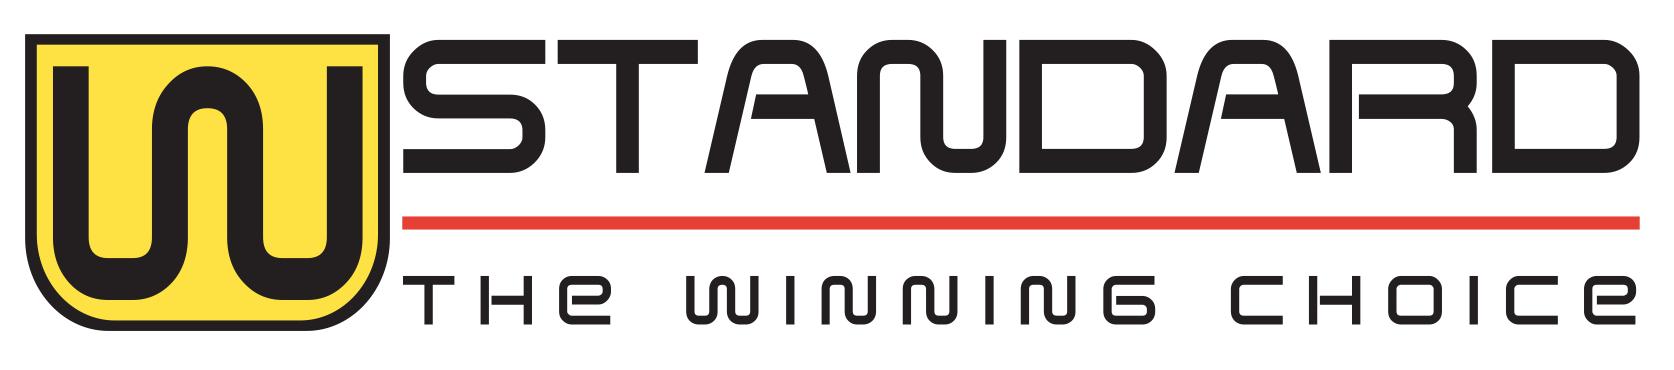 W-Standard Thailand